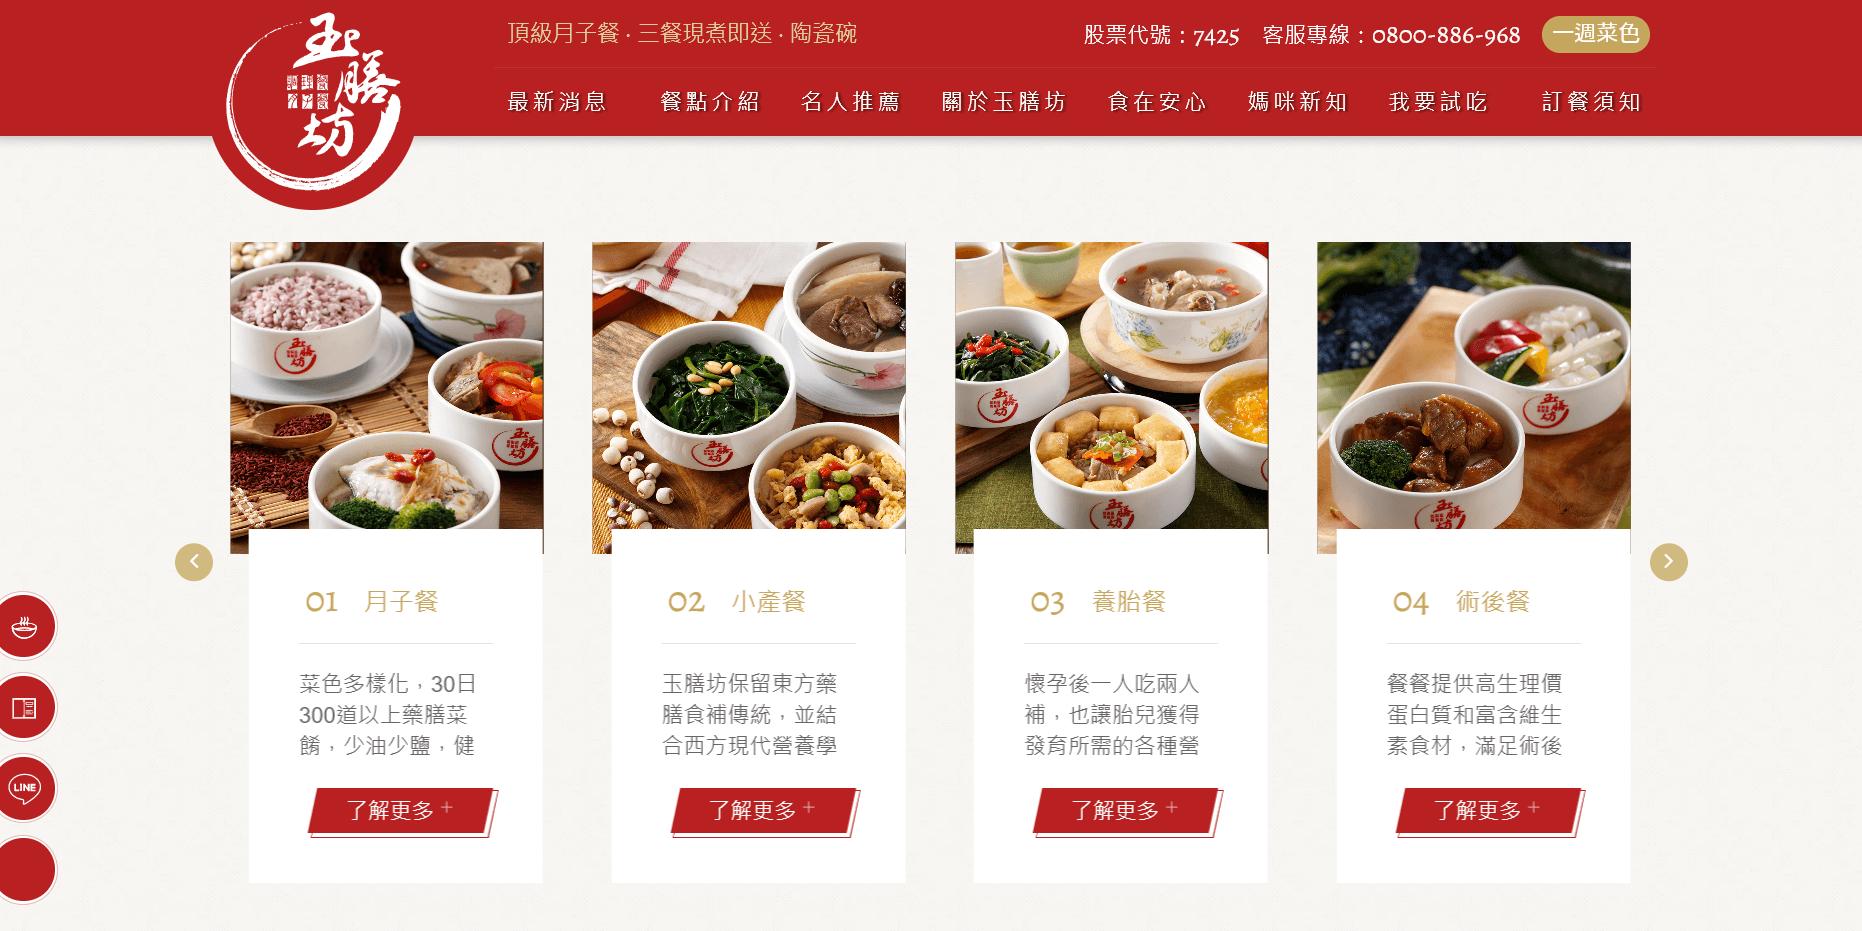 玉膳坊官網首頁